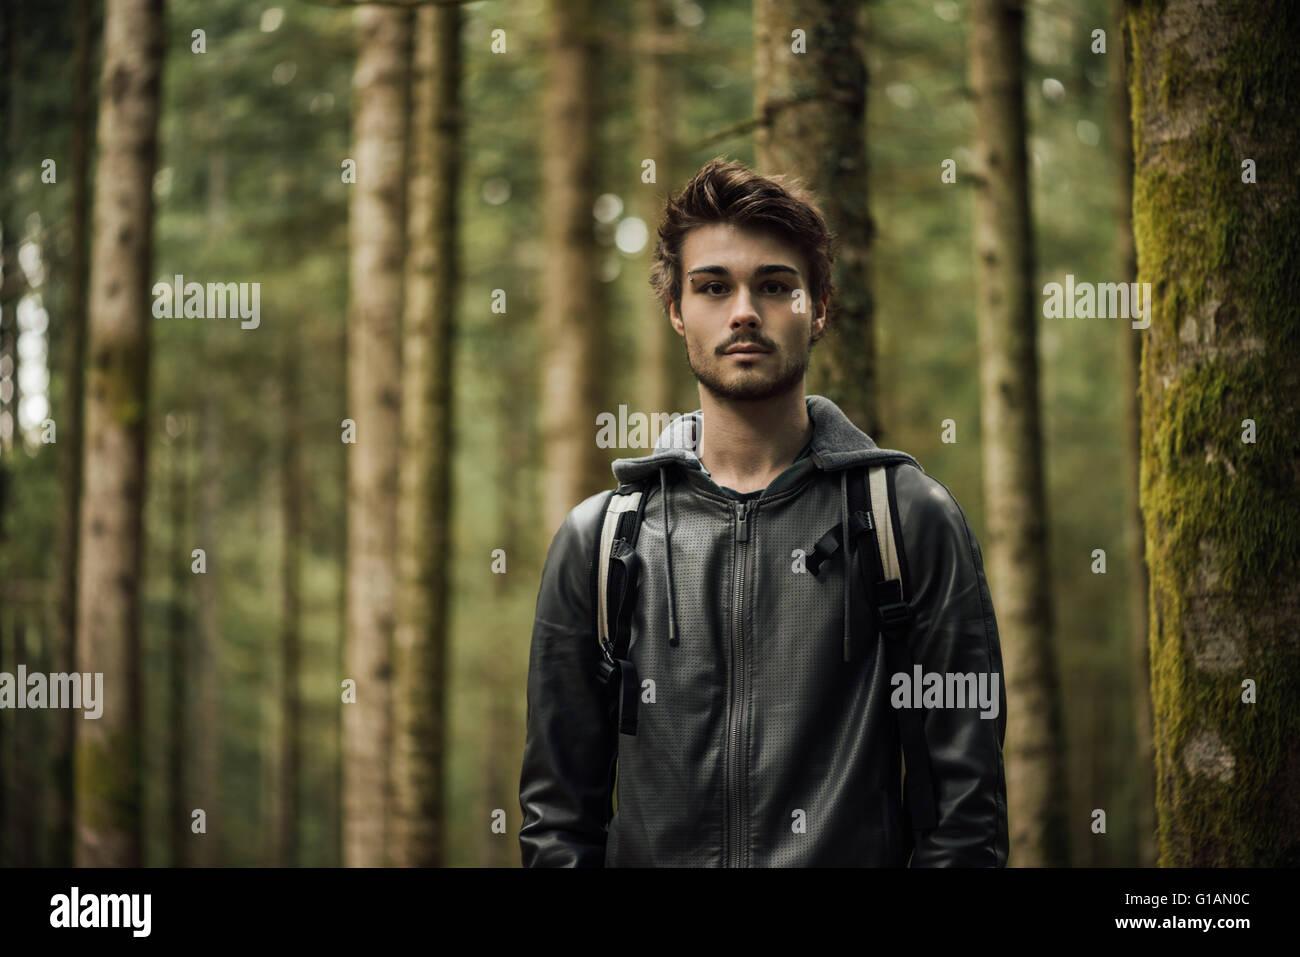 Hübscher junger Mann einen Wald zu erkunden, er schaut in die Kamera Stockbild